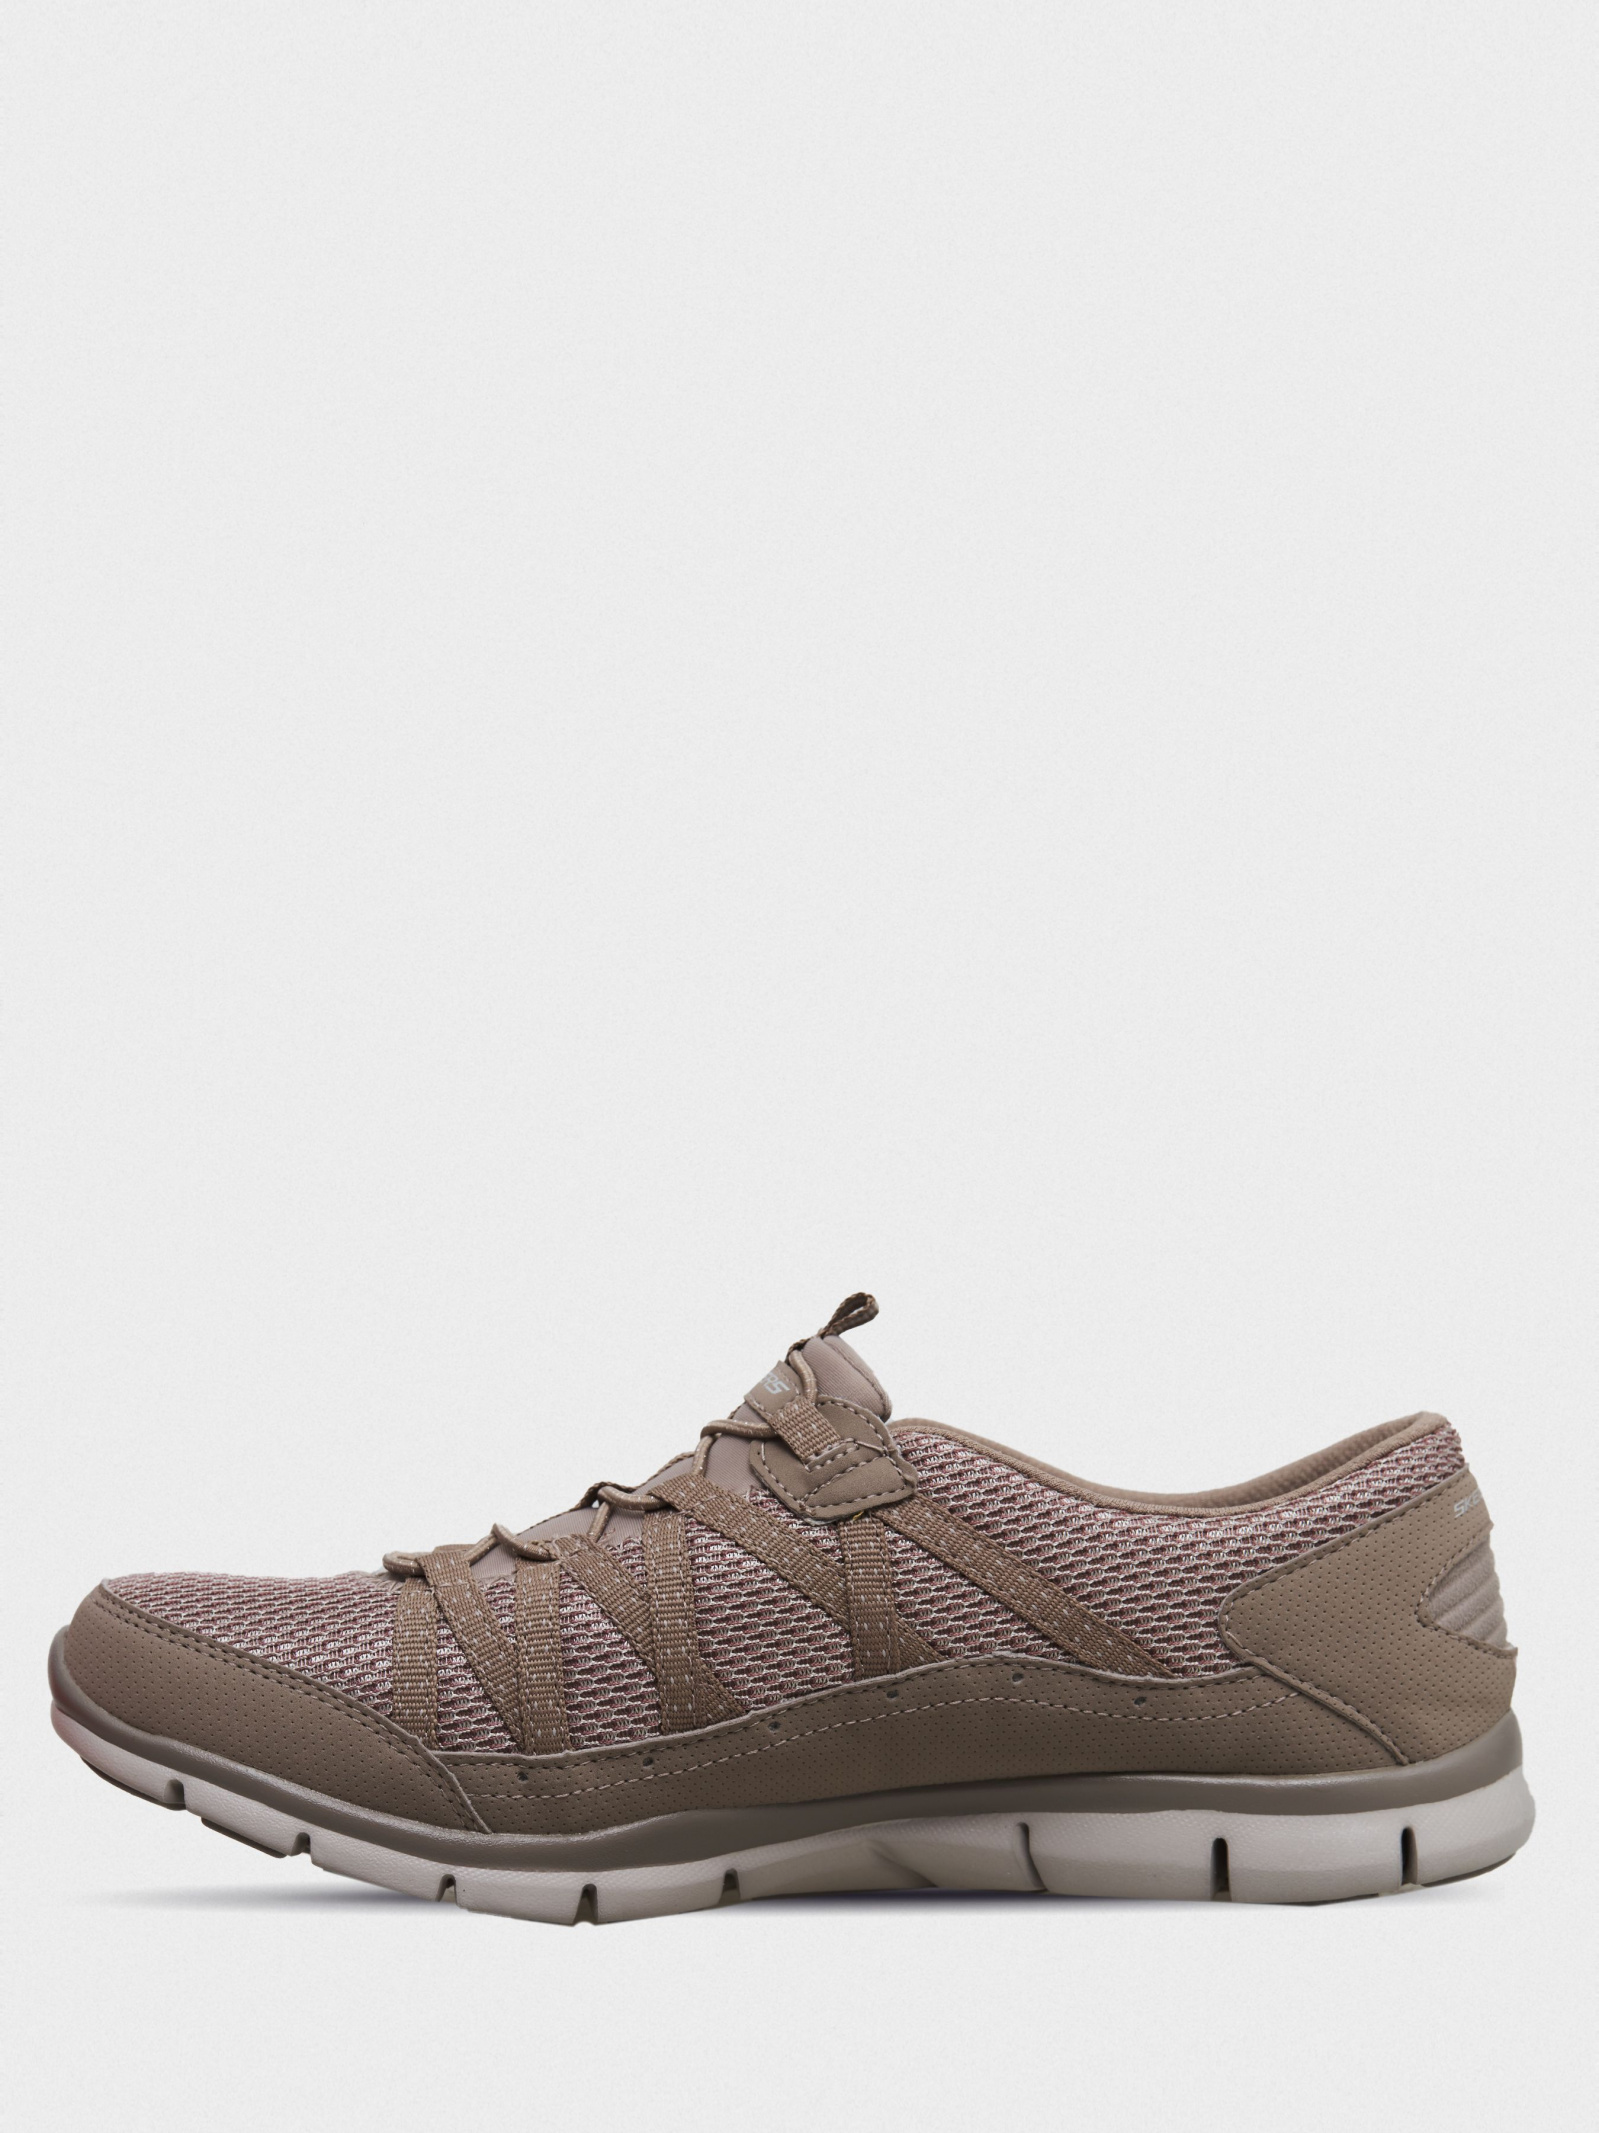 Кроссовки для женщин Skechers Sport Active KW5758 фото, купить, 2017